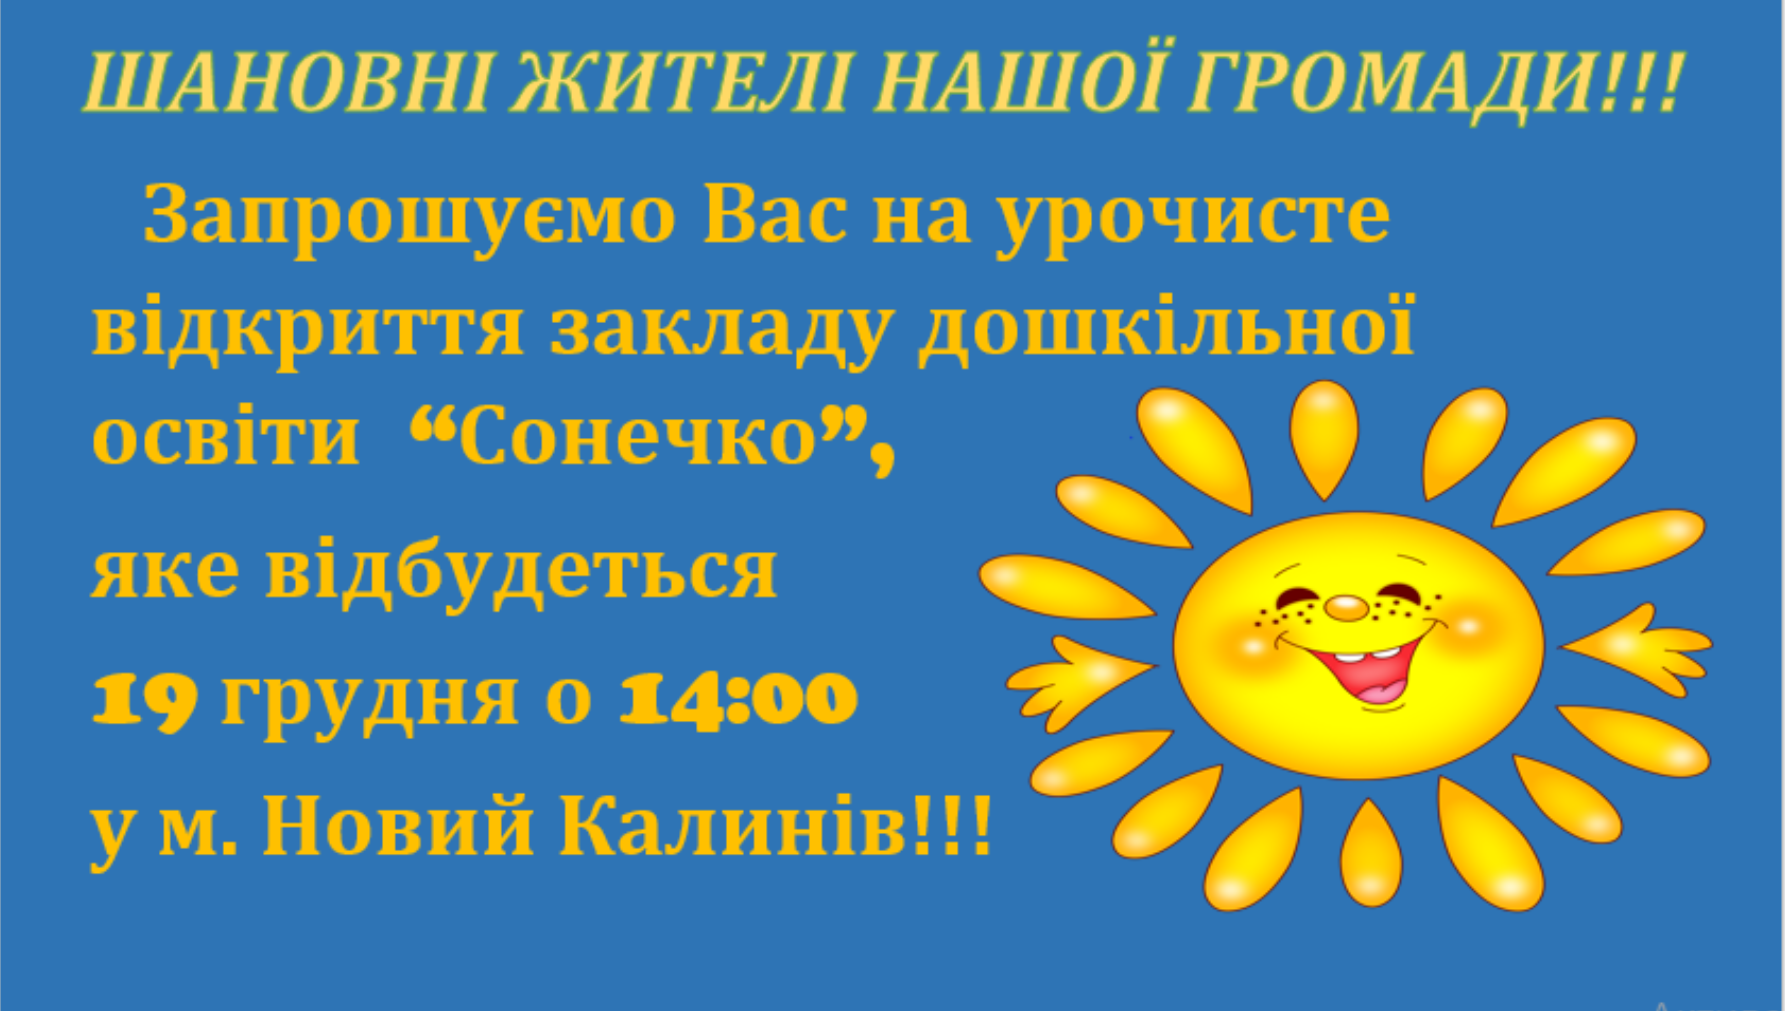 vidkryttia sadochku m. Novyi Kalyniv